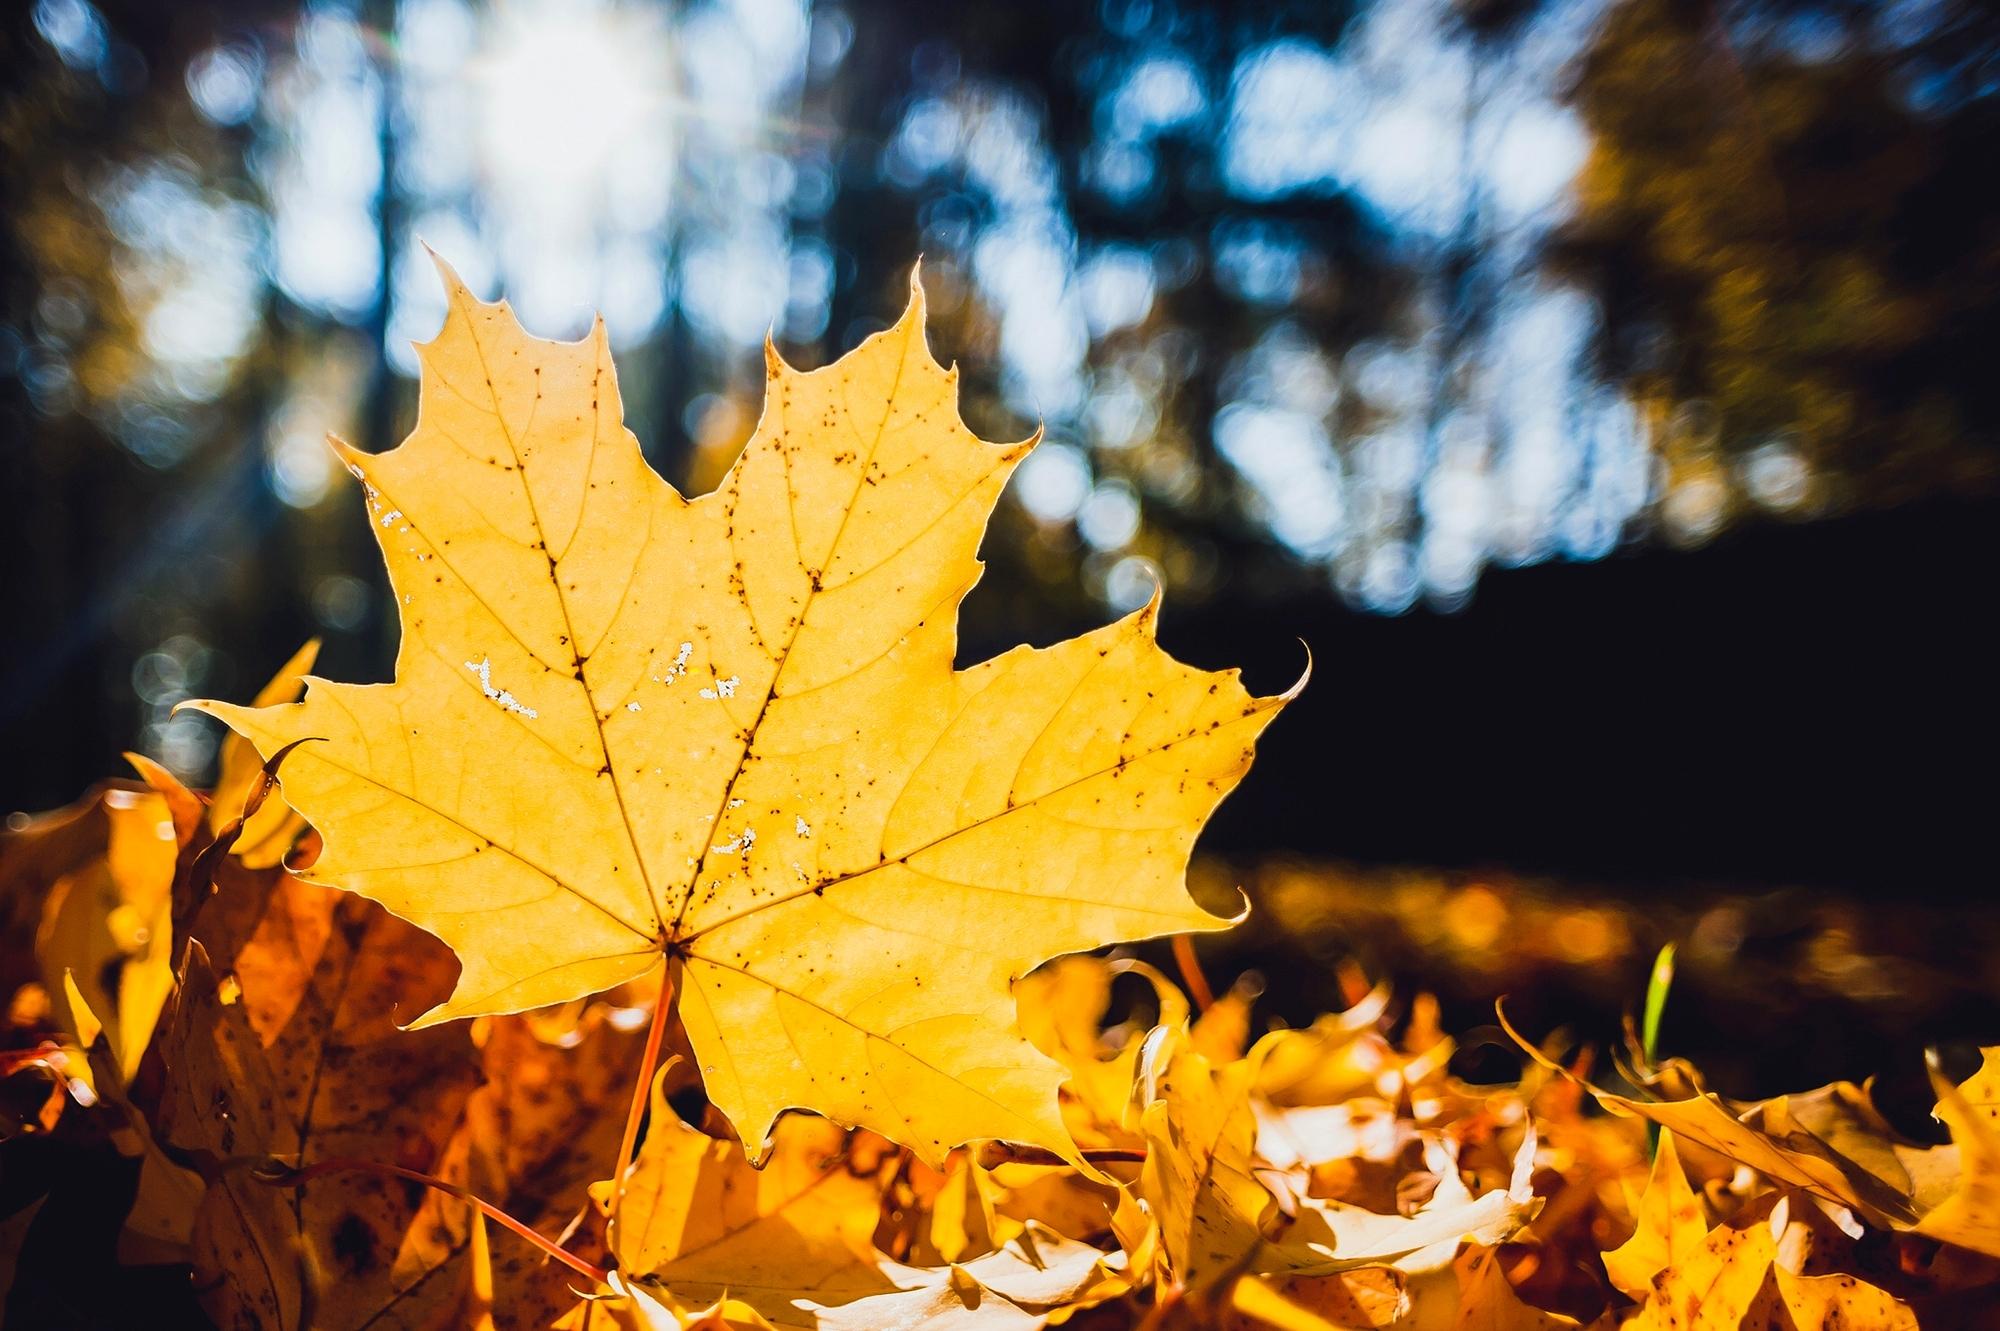 Опавшие желтые листья  № 1359304 загрузить